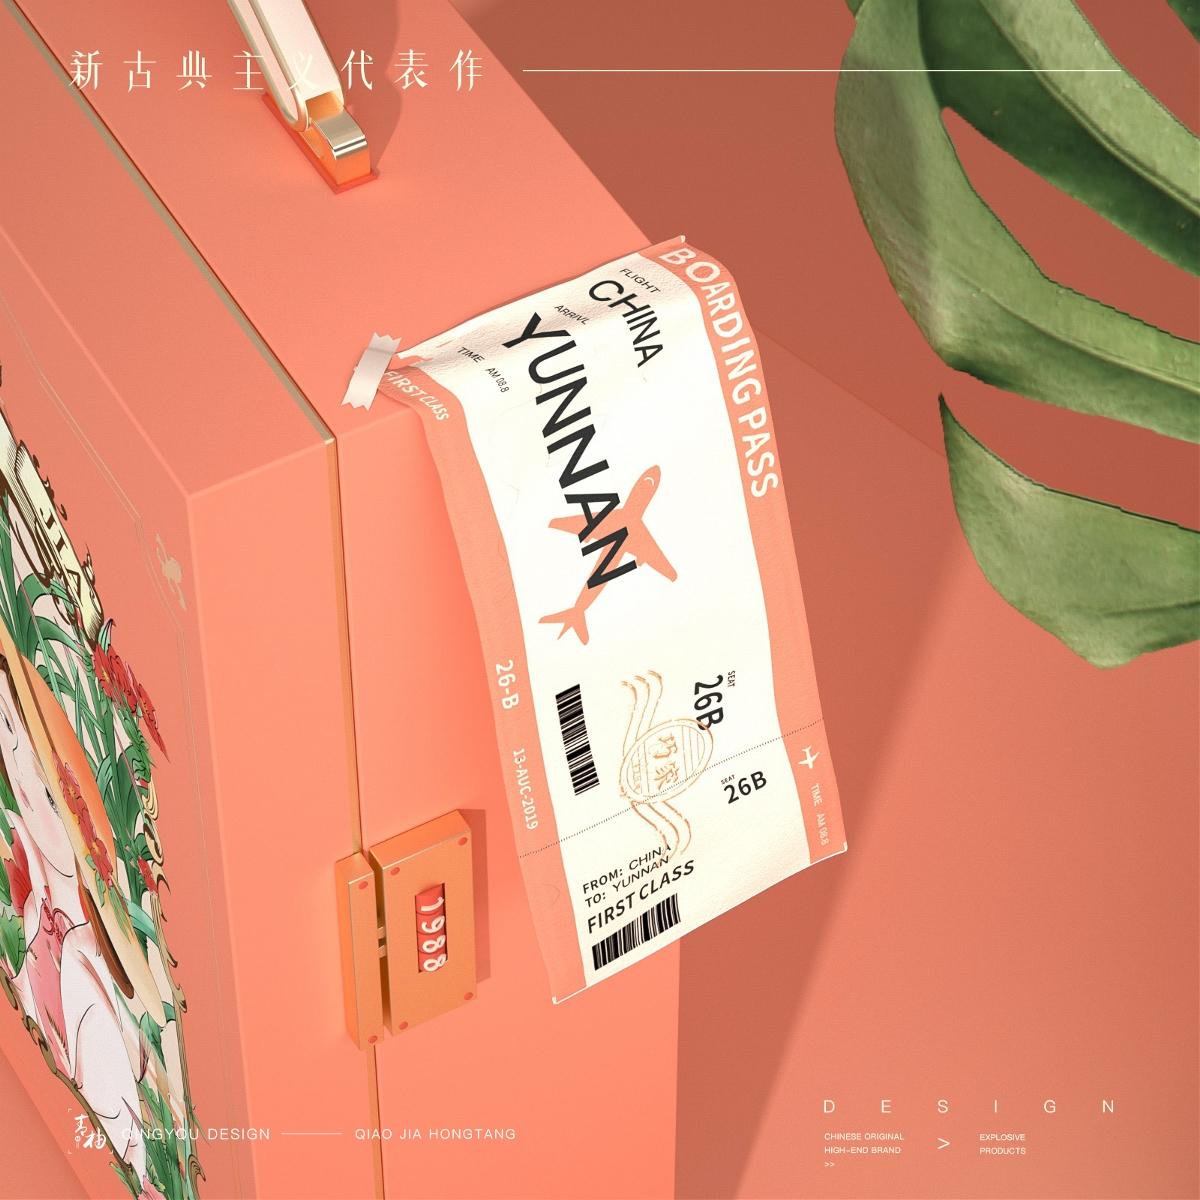 青柚設計原創丨文旅主題包裝設計 讓東方滋補文化走出國門